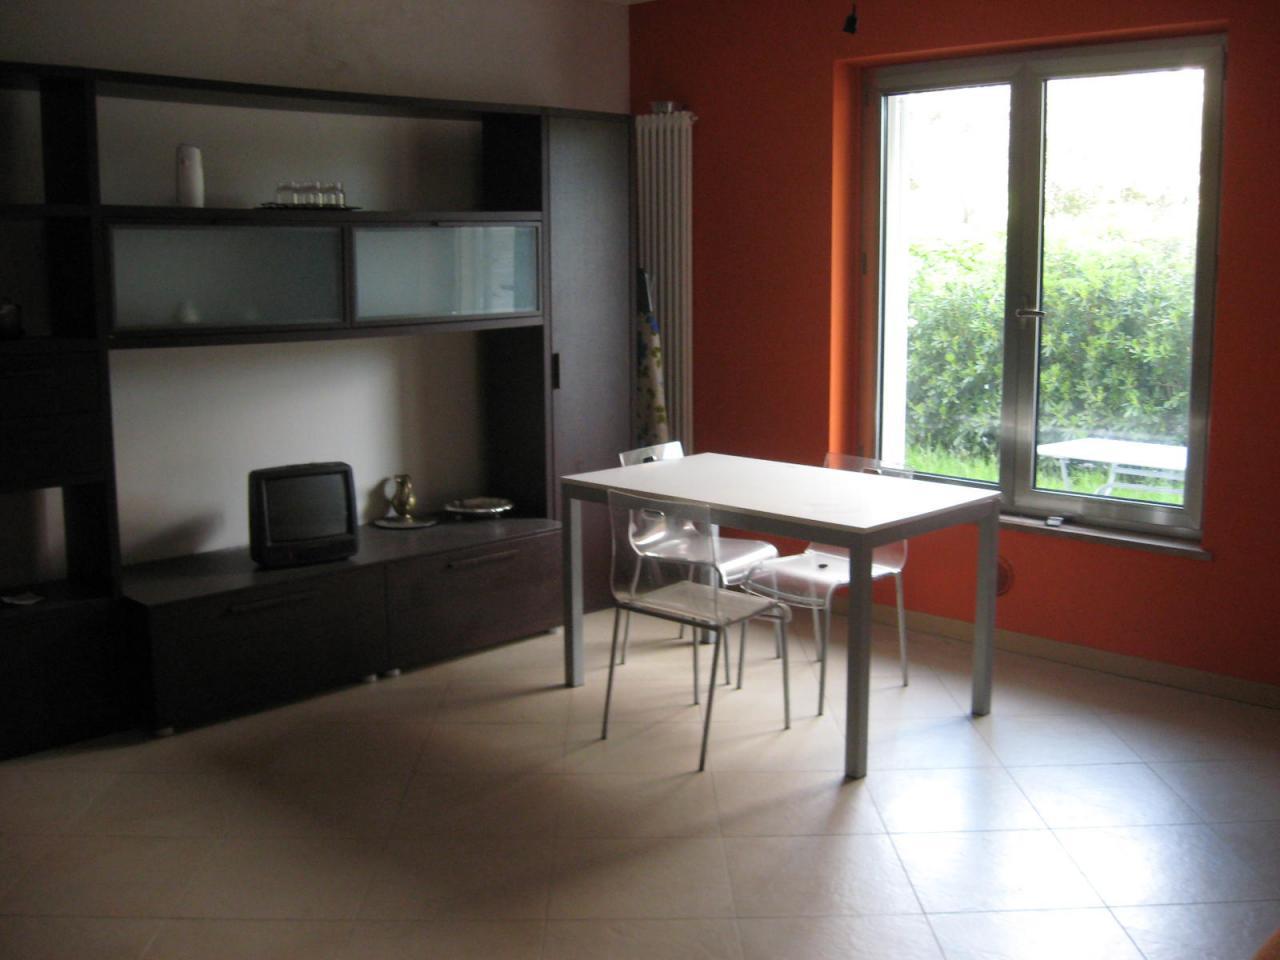 Appartamento in vendita a Giulianova, 3 locali, zona Località: Lido, prezzo € 240.000 | Cambio Casa.it